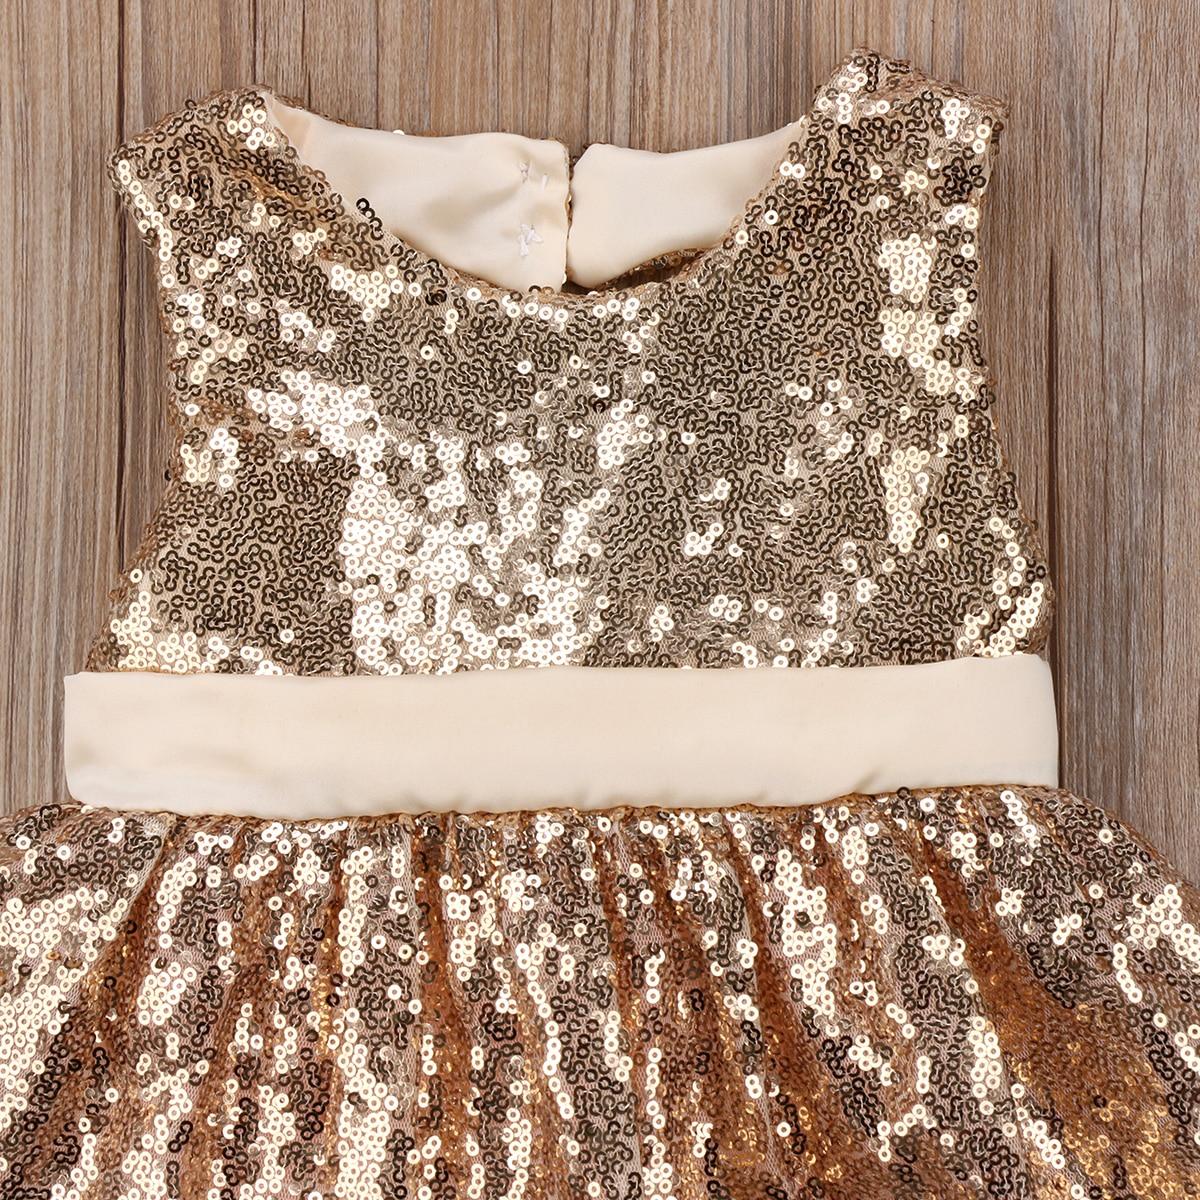 Купить платье принцессы с блестками для маленьких девочек вечерние